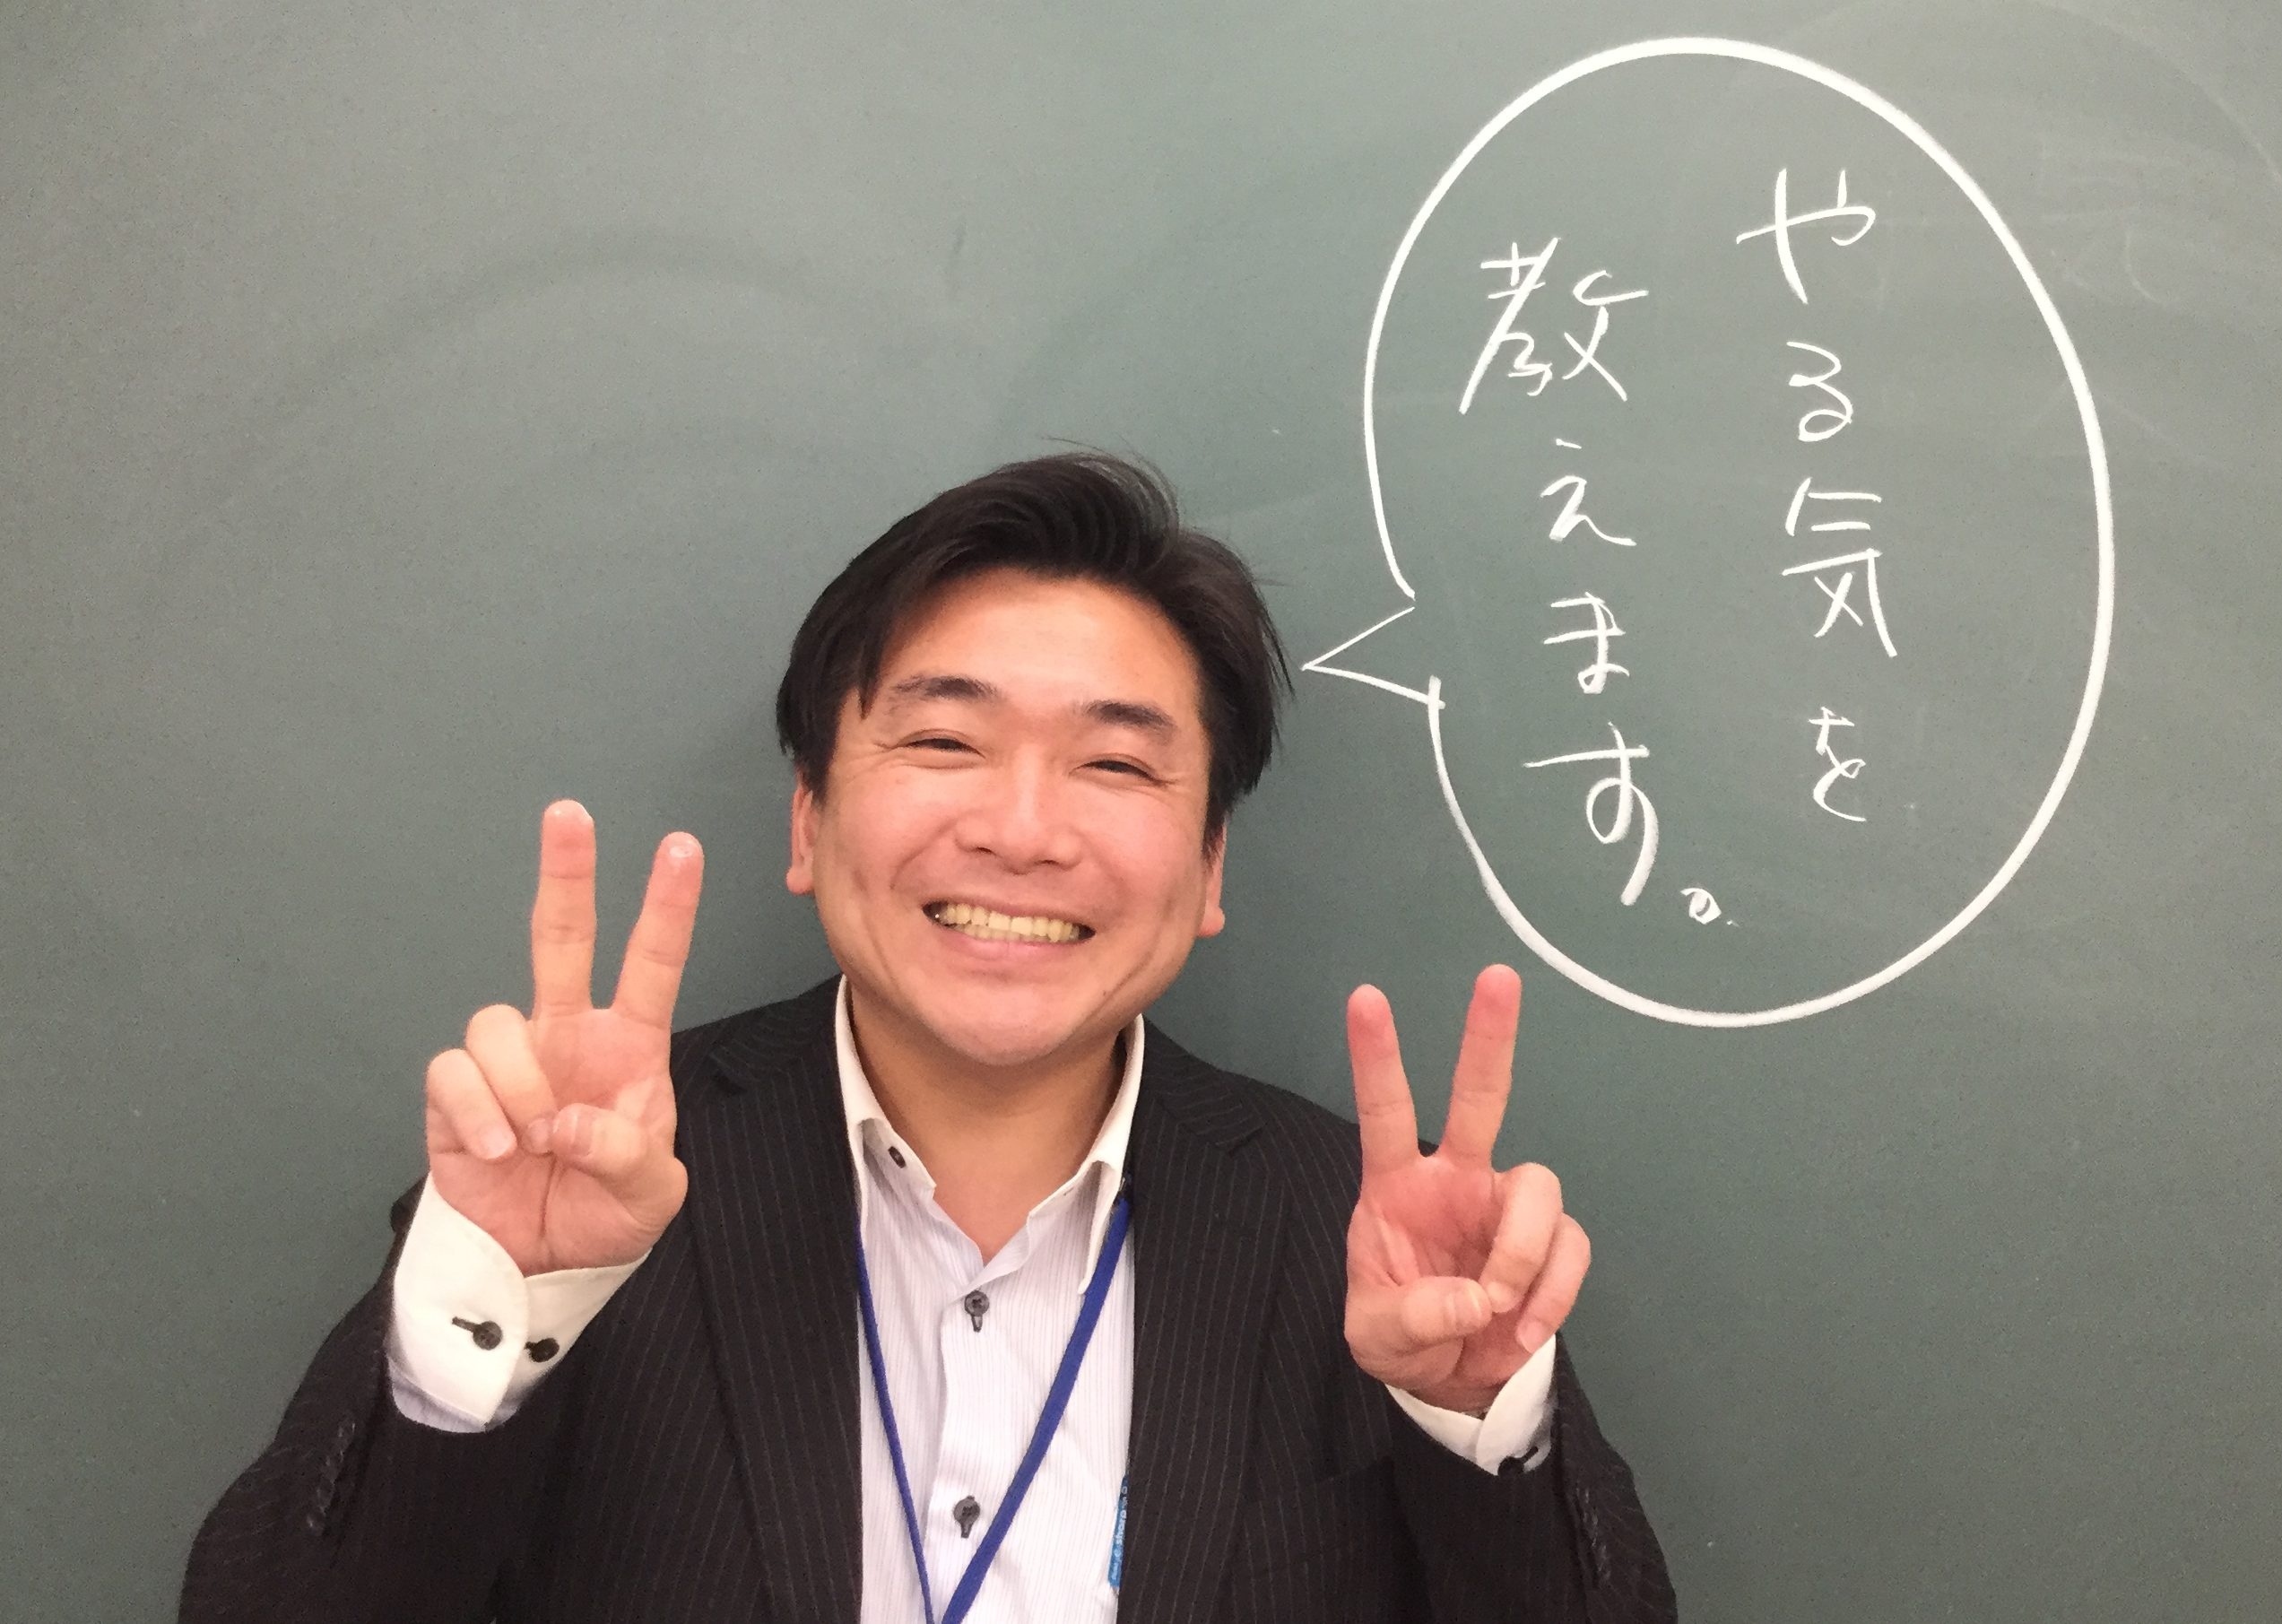 授業コンテスト優勝3回 テレ玉入試解説講座出演2回